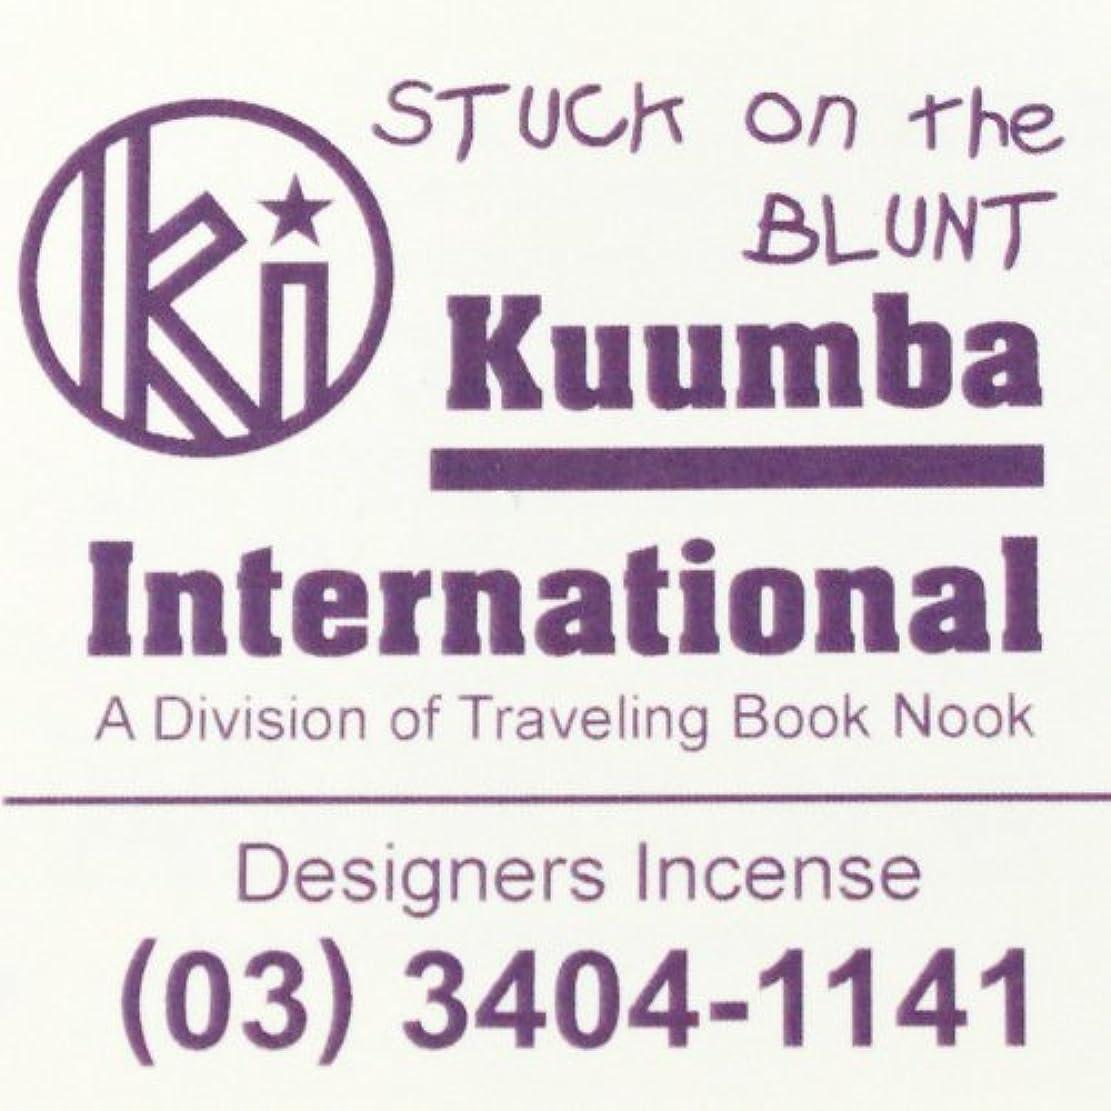 しわフランクワースリーどこにも(クンバ) KUUMBA『incense』(STUCK on the BLUNT) (Regular size)